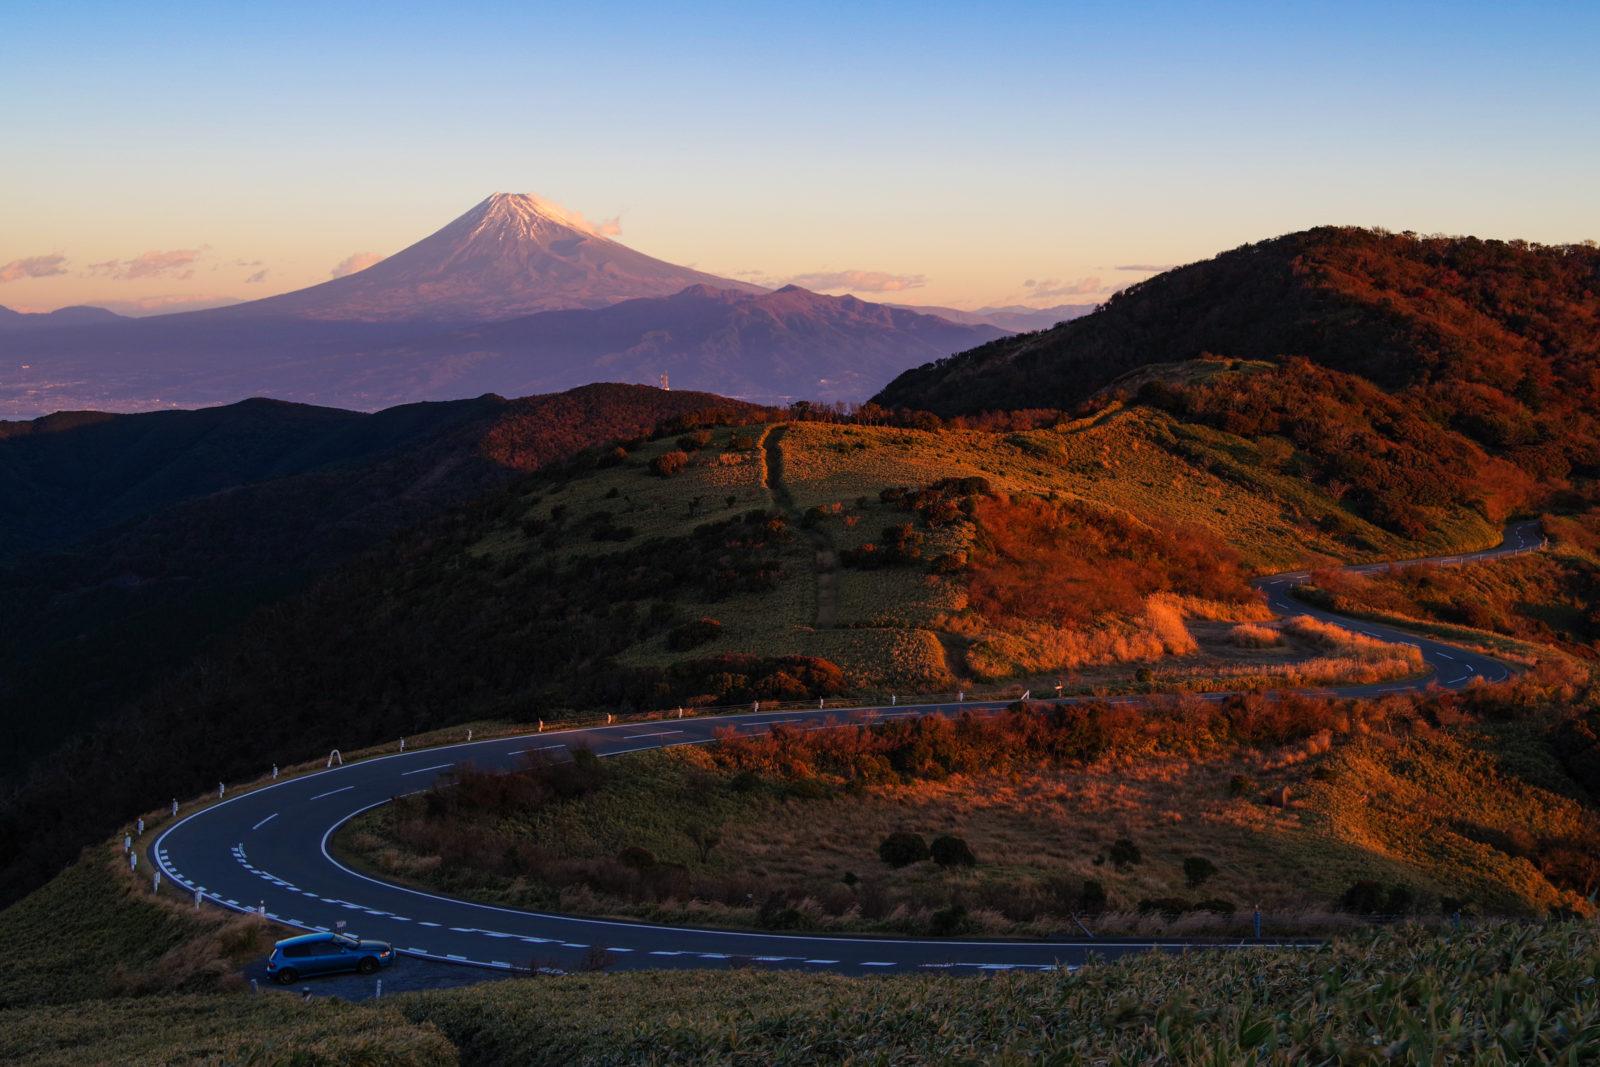 西伊豆スカイラインより富士山 | PENTAX K-1&FA★28-70mm